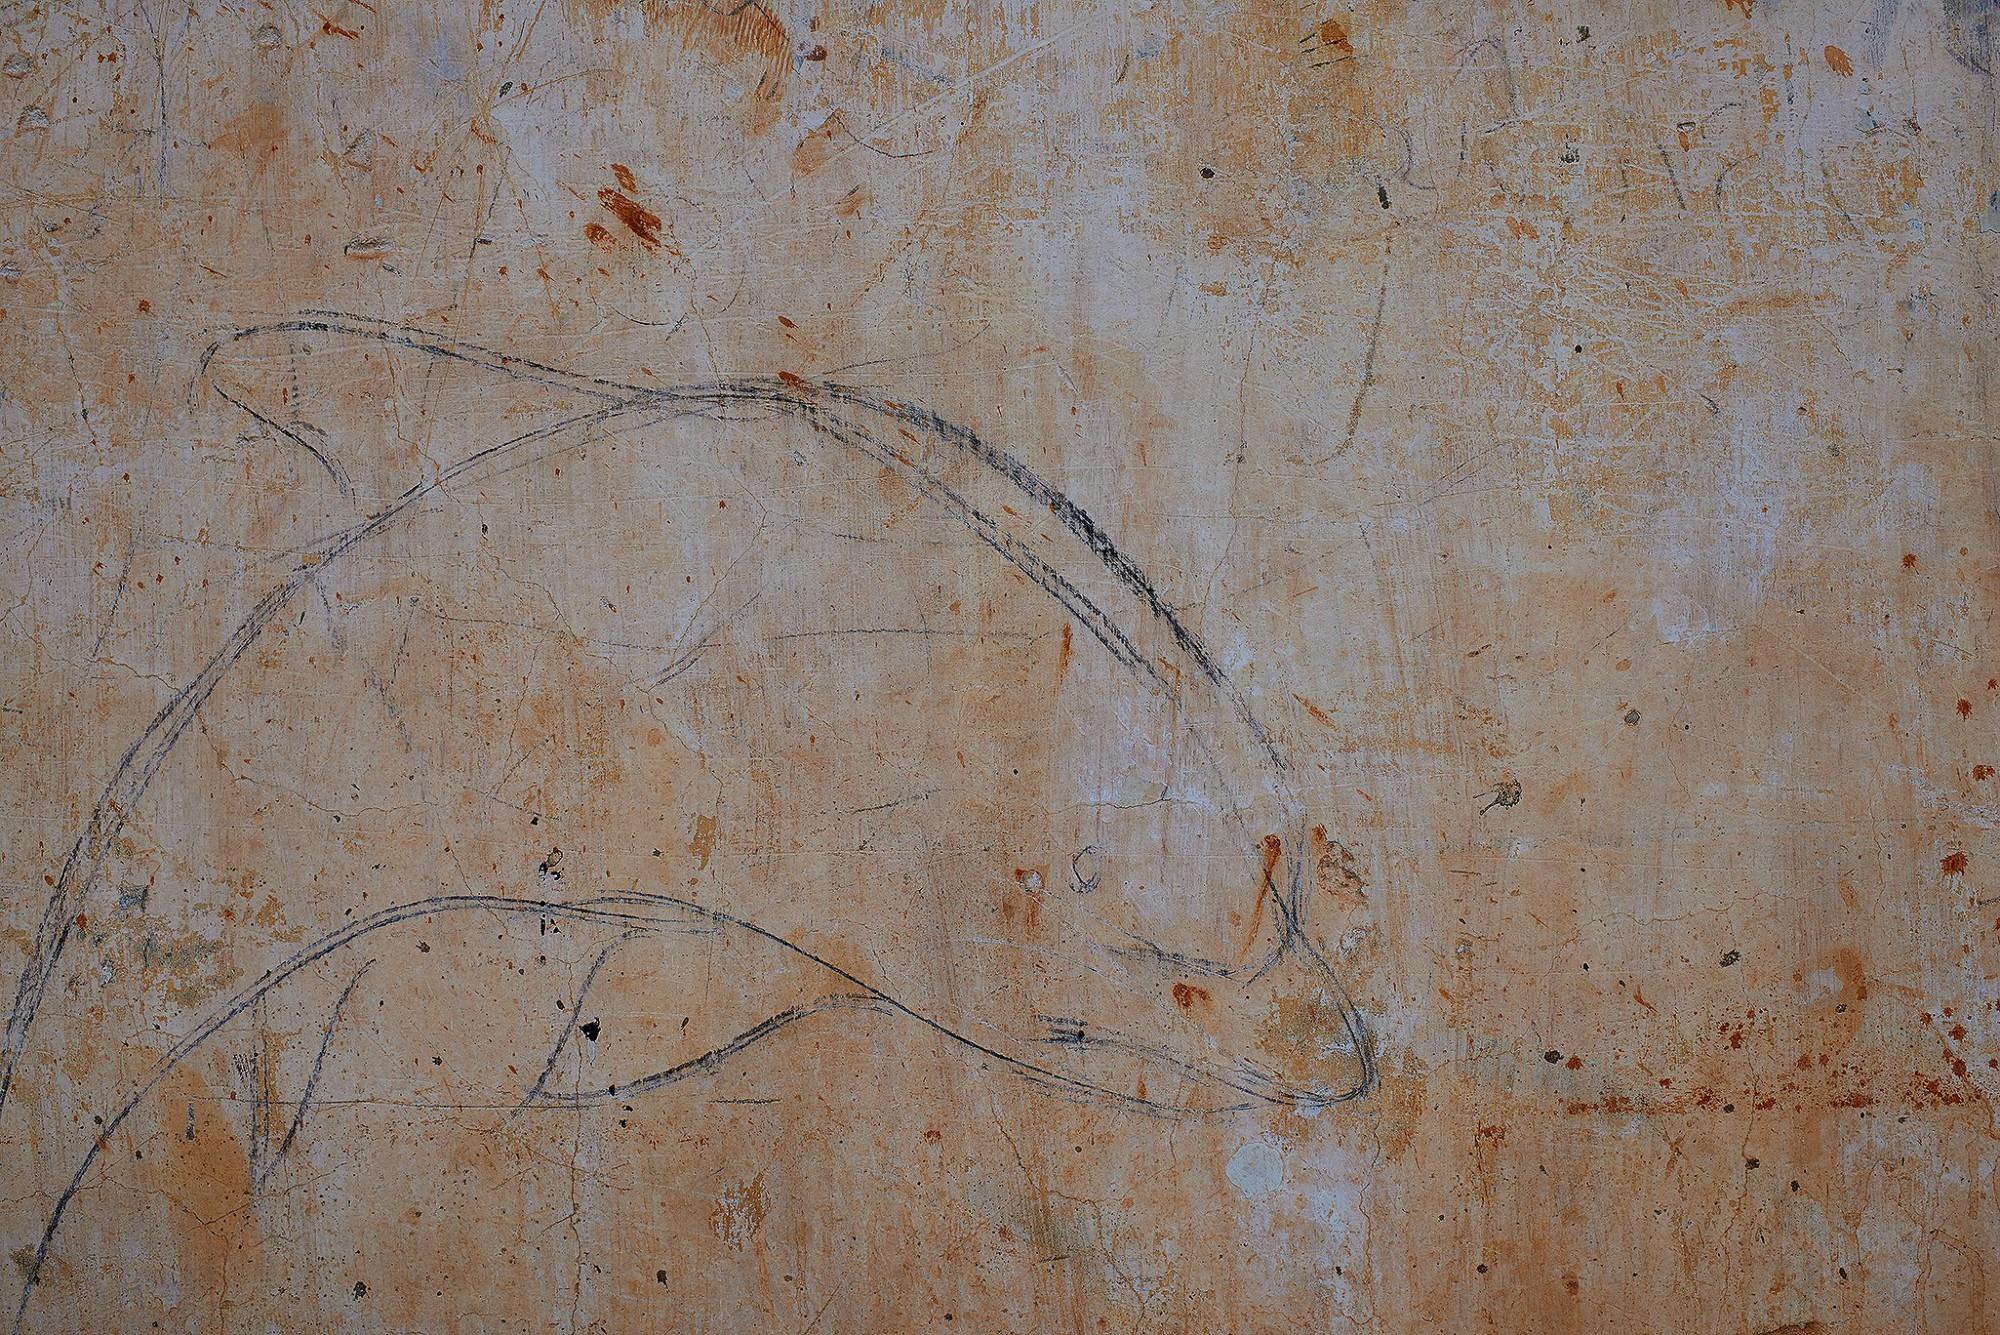 Afbeelding: Fotokunst Dominique Van Huffel, uit de reeks: Muren van geschiedenis. Cambodja.